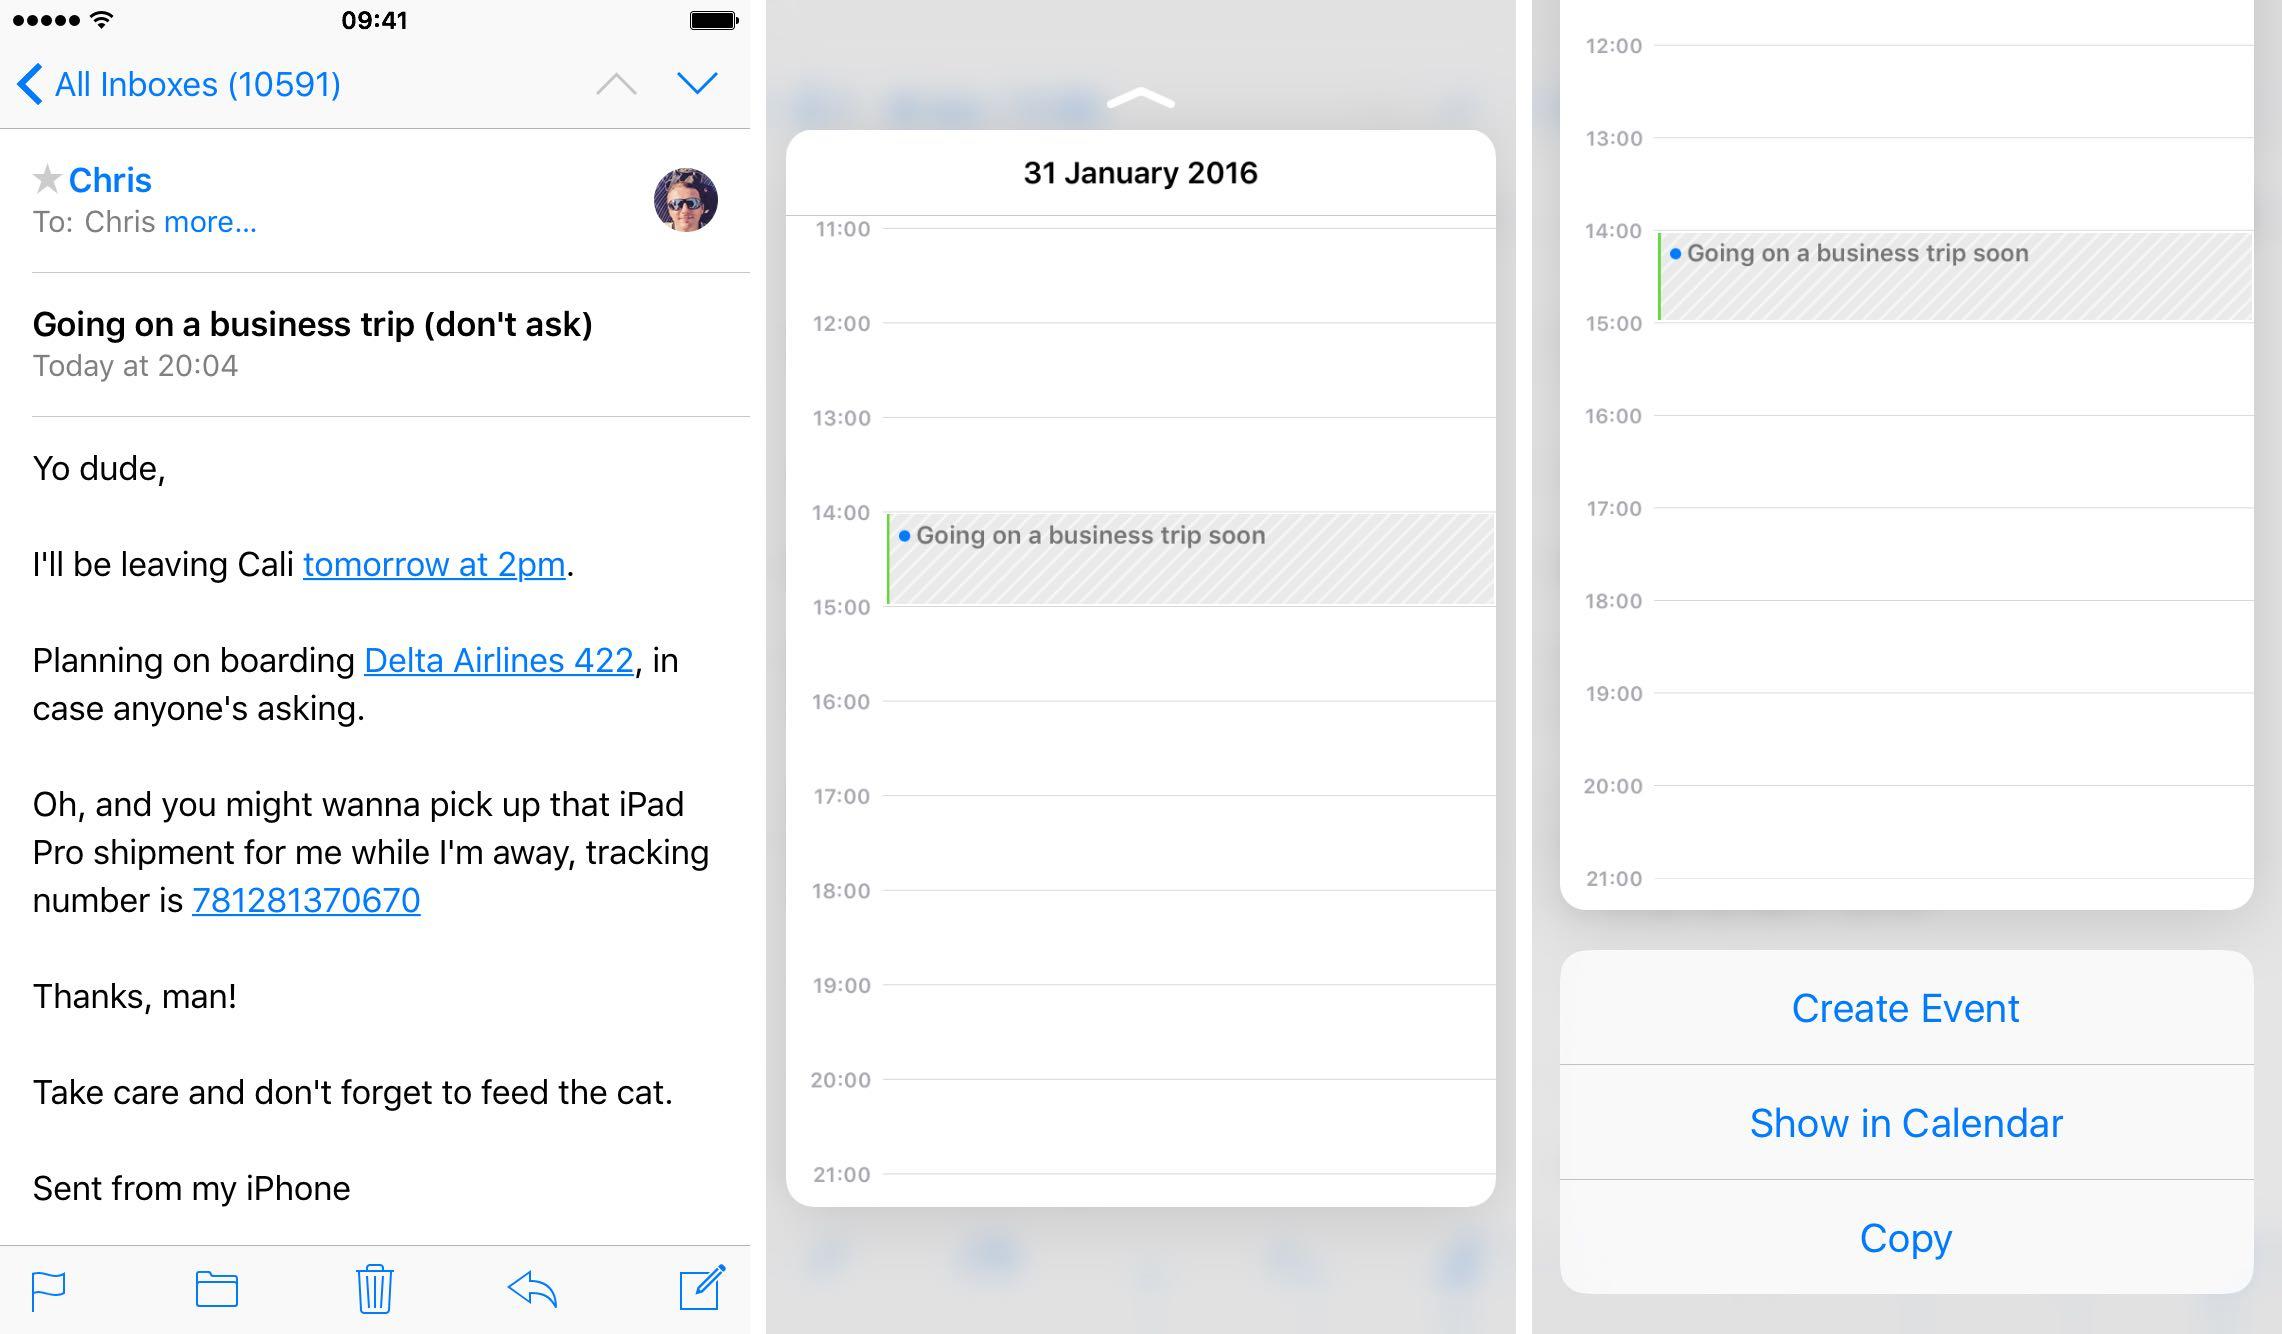 iOS 9 Mail 3D Touch previsualización de fechas y horas Captura de pantalla del iPhone 6s 007